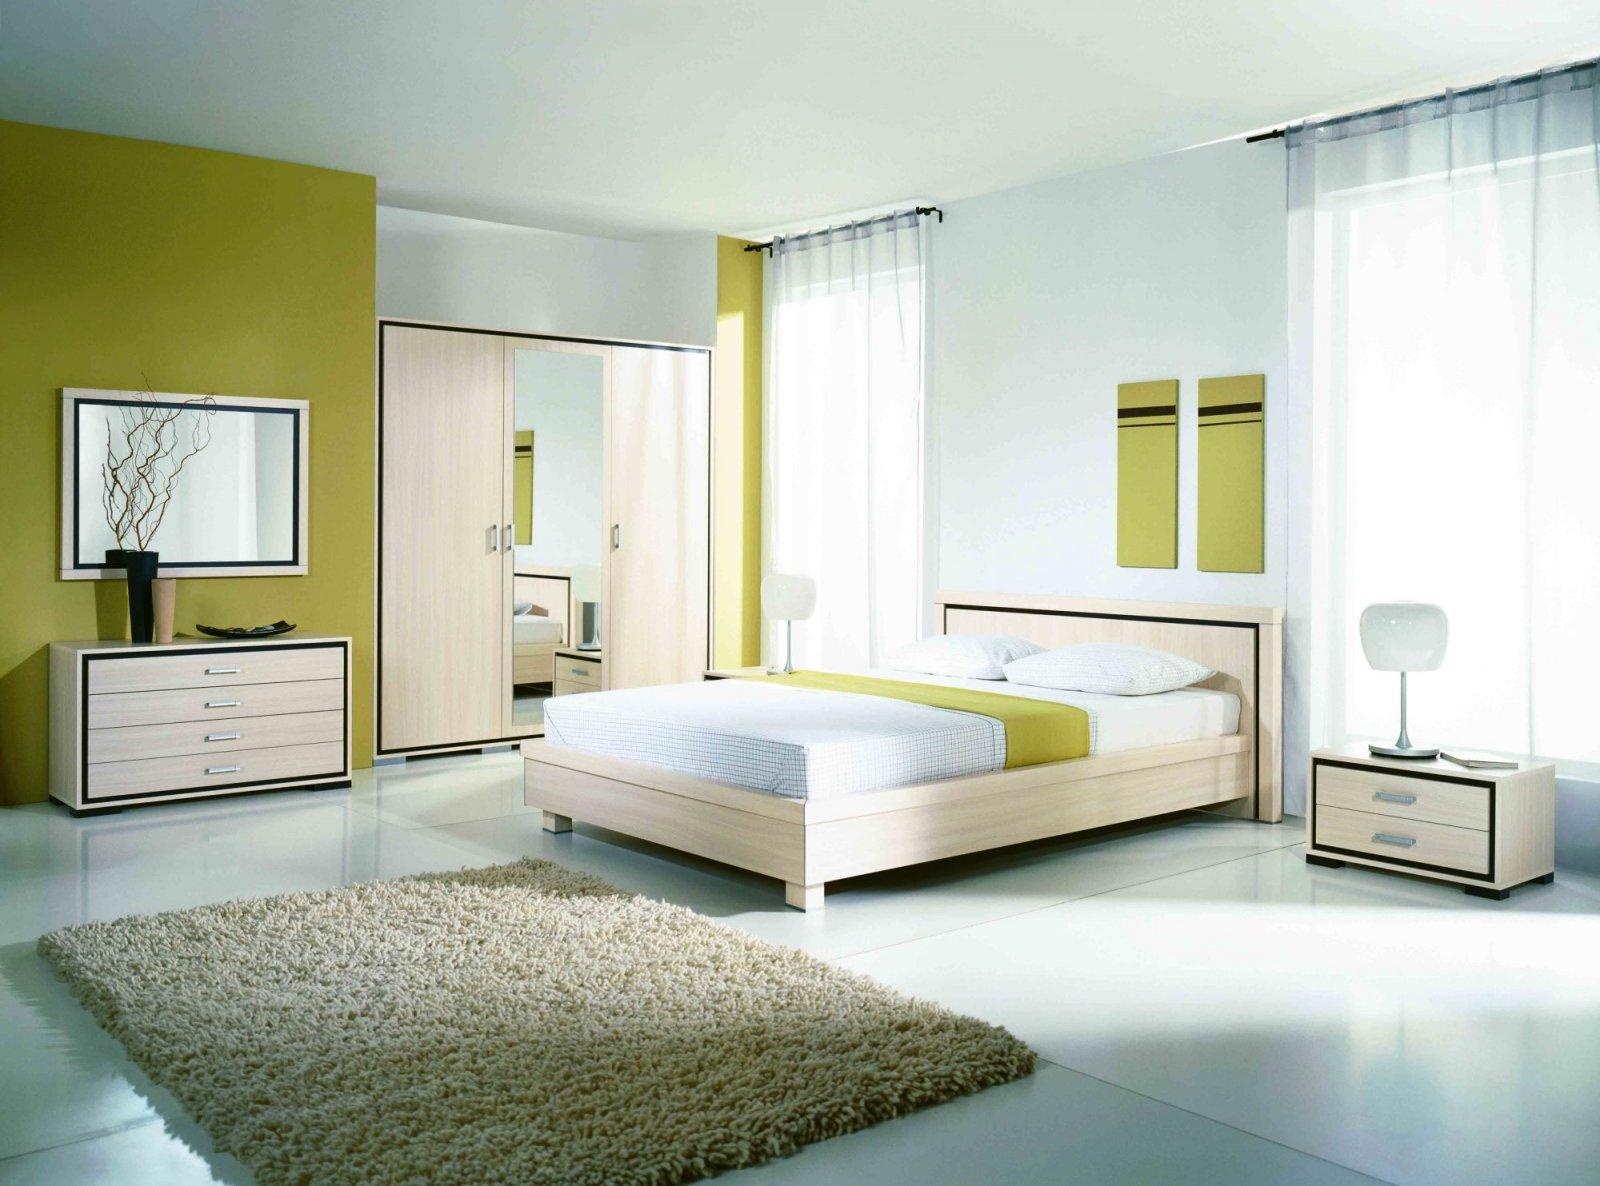 بالصور اصباغ غرف نوم , صور جميلة لاصباغ غرف نوم 3540